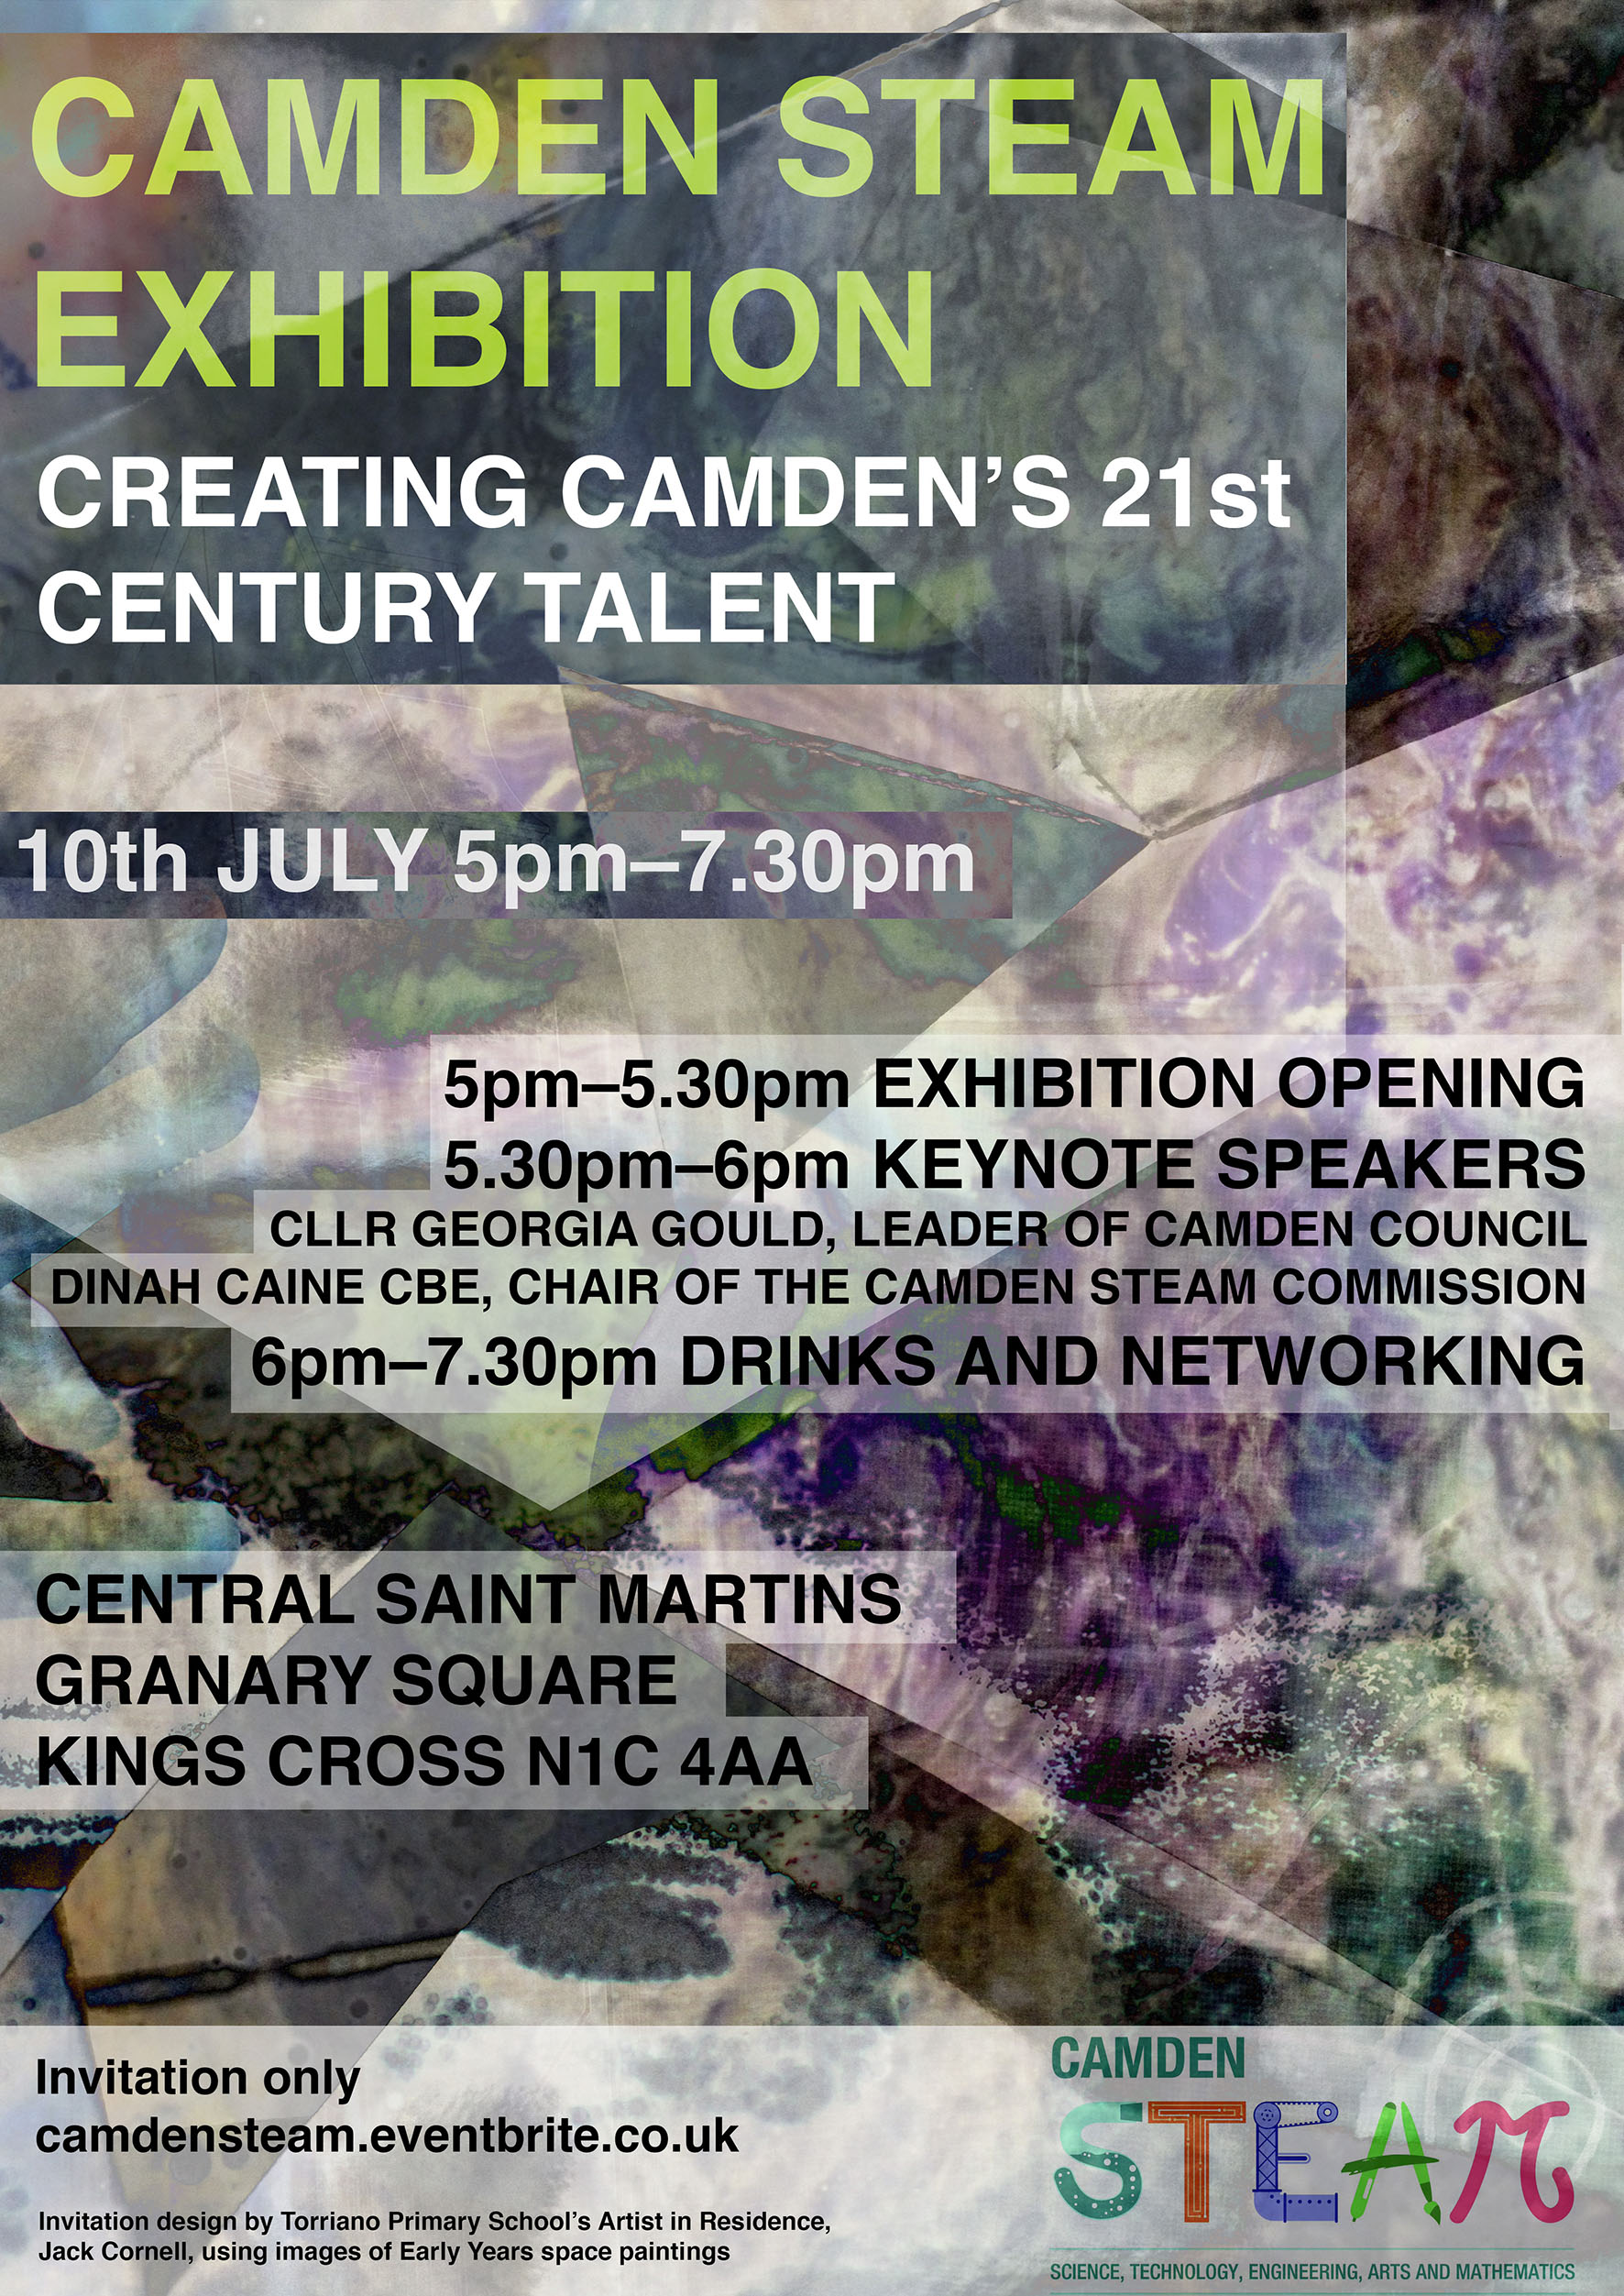 Camden STEAM Exhibition Invitation